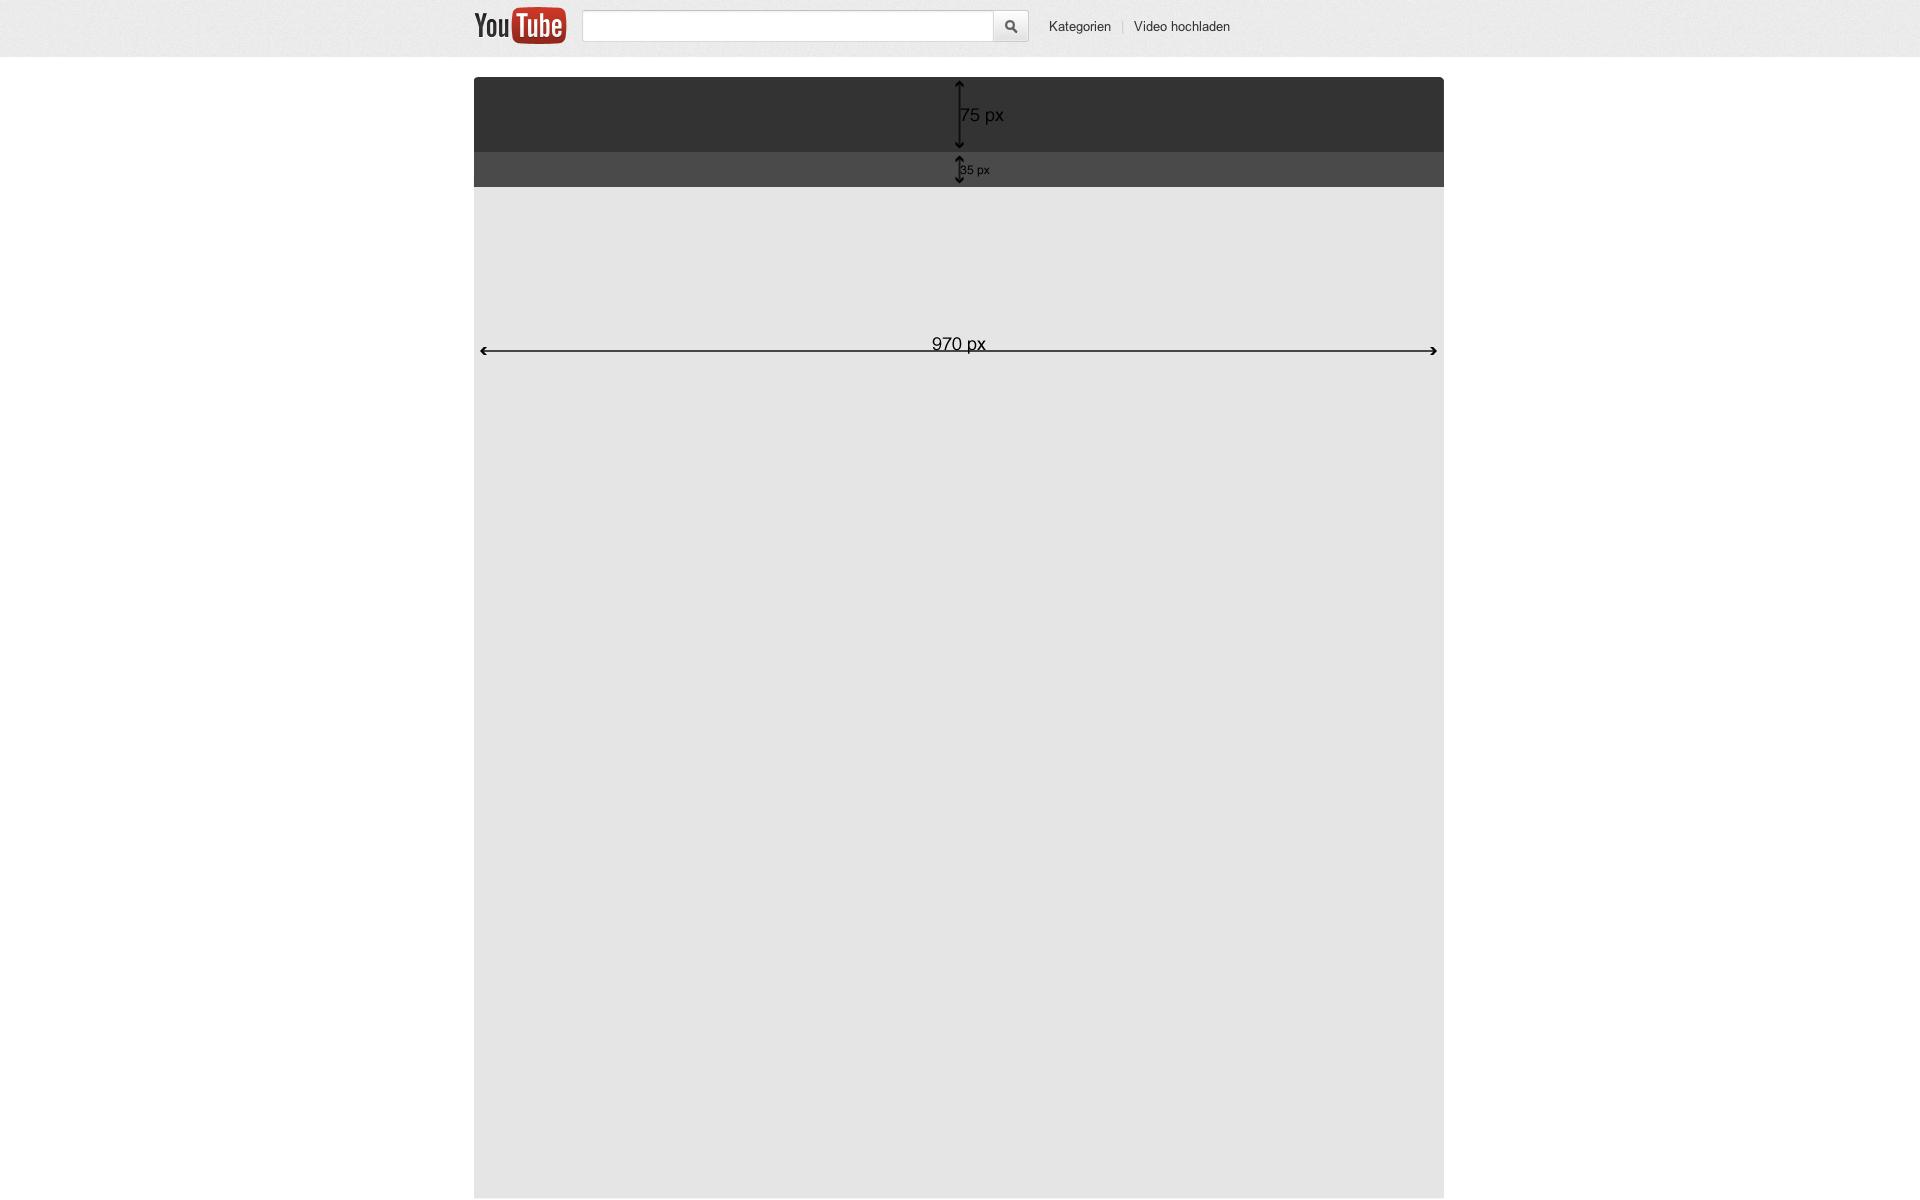 Photoshop Vorlage für das neue Youtube Design « Blog « 4ppletree.me ...